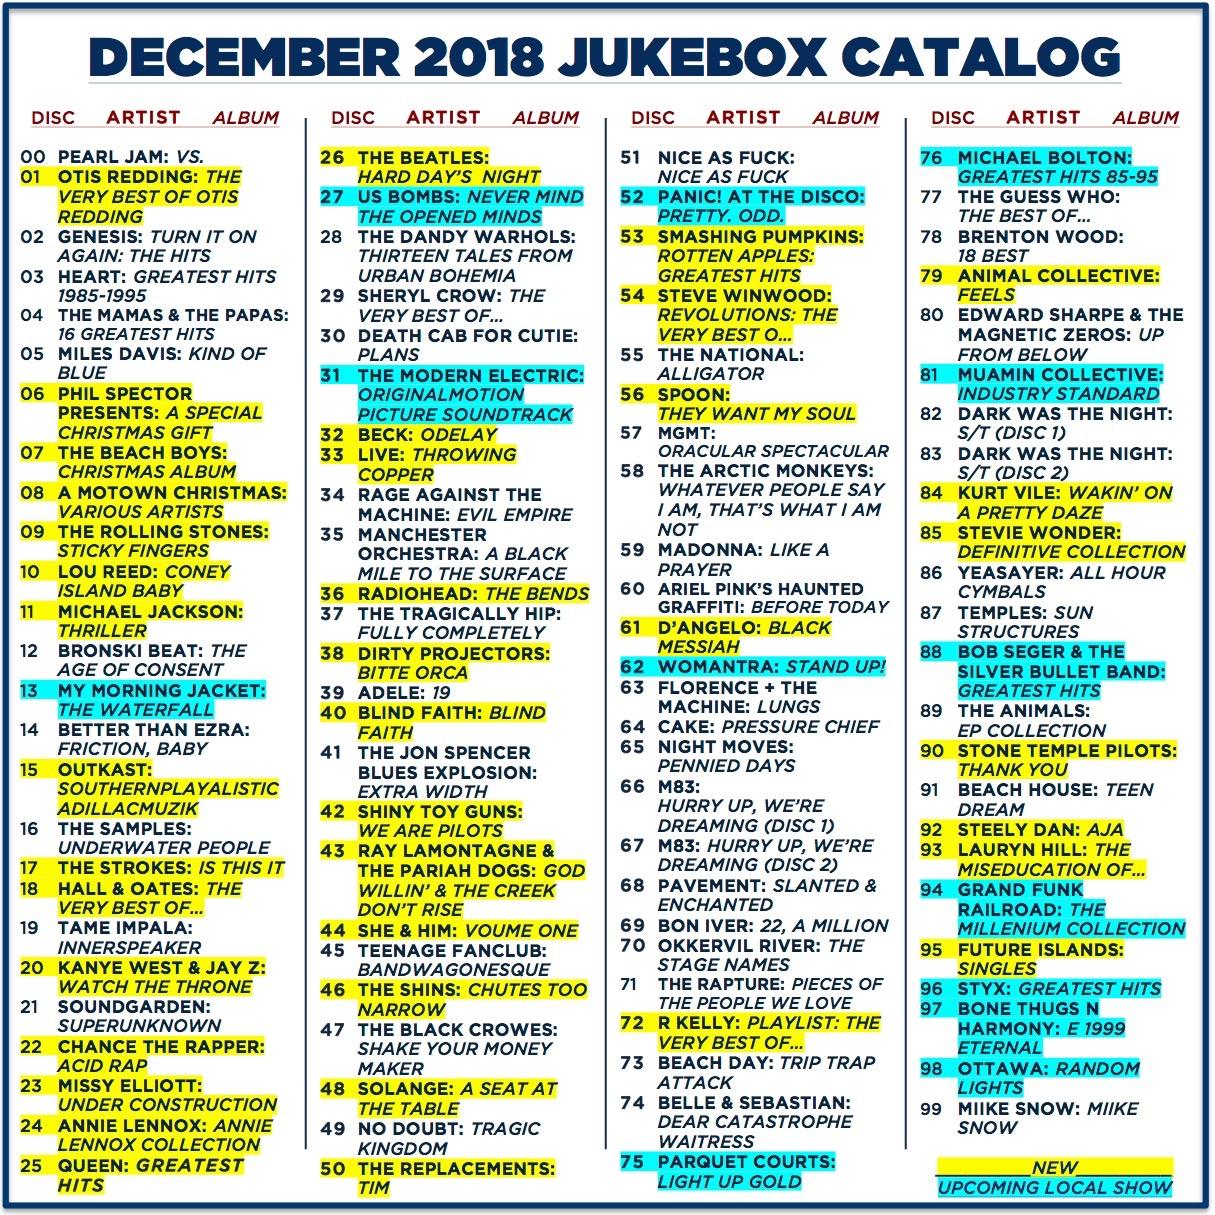 Microsoft Word - JUKEMENU 18.December (1).jpg